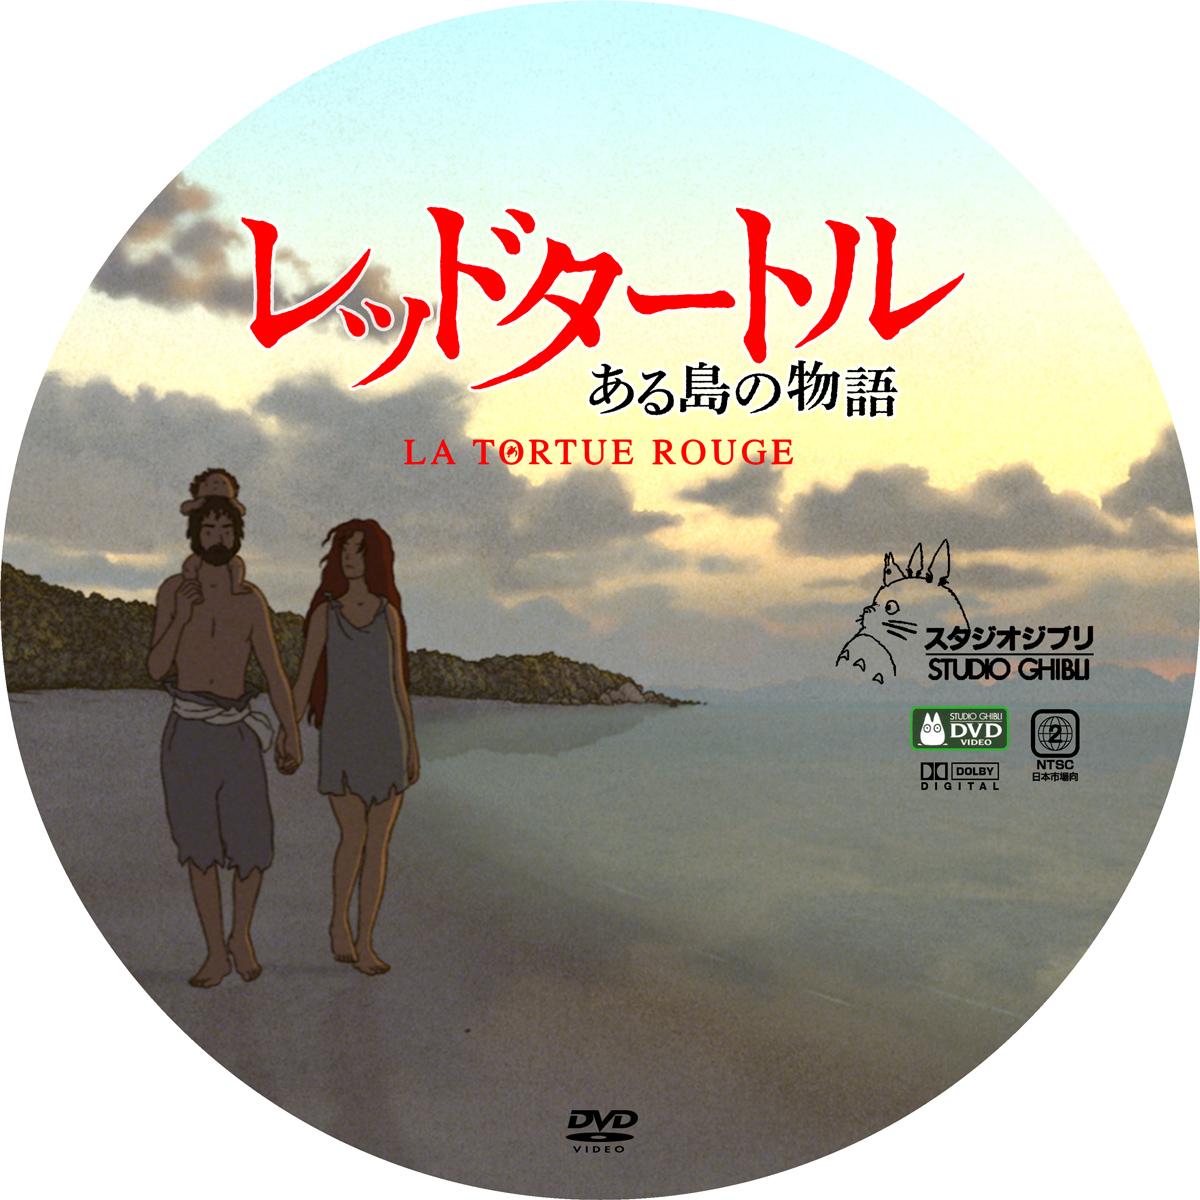 『レッドタートル ある島の物語』感想とイラスト  …